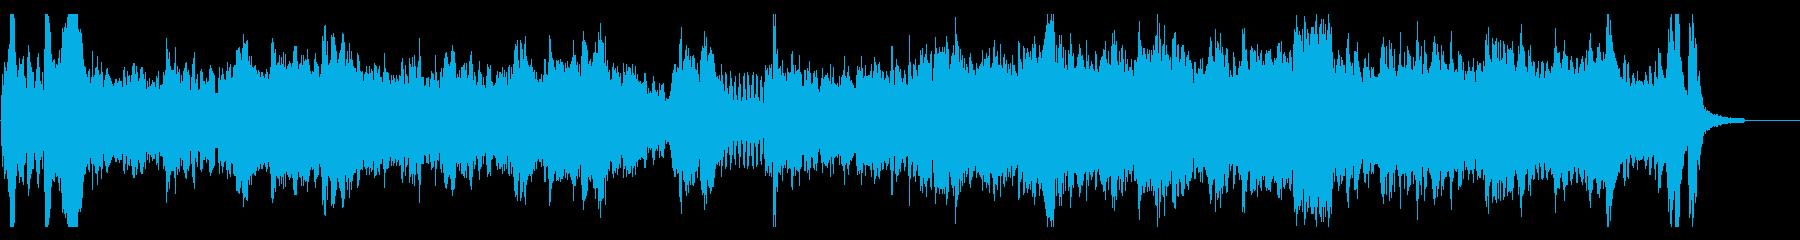 Forbidden City Ver1's reproduced waveform